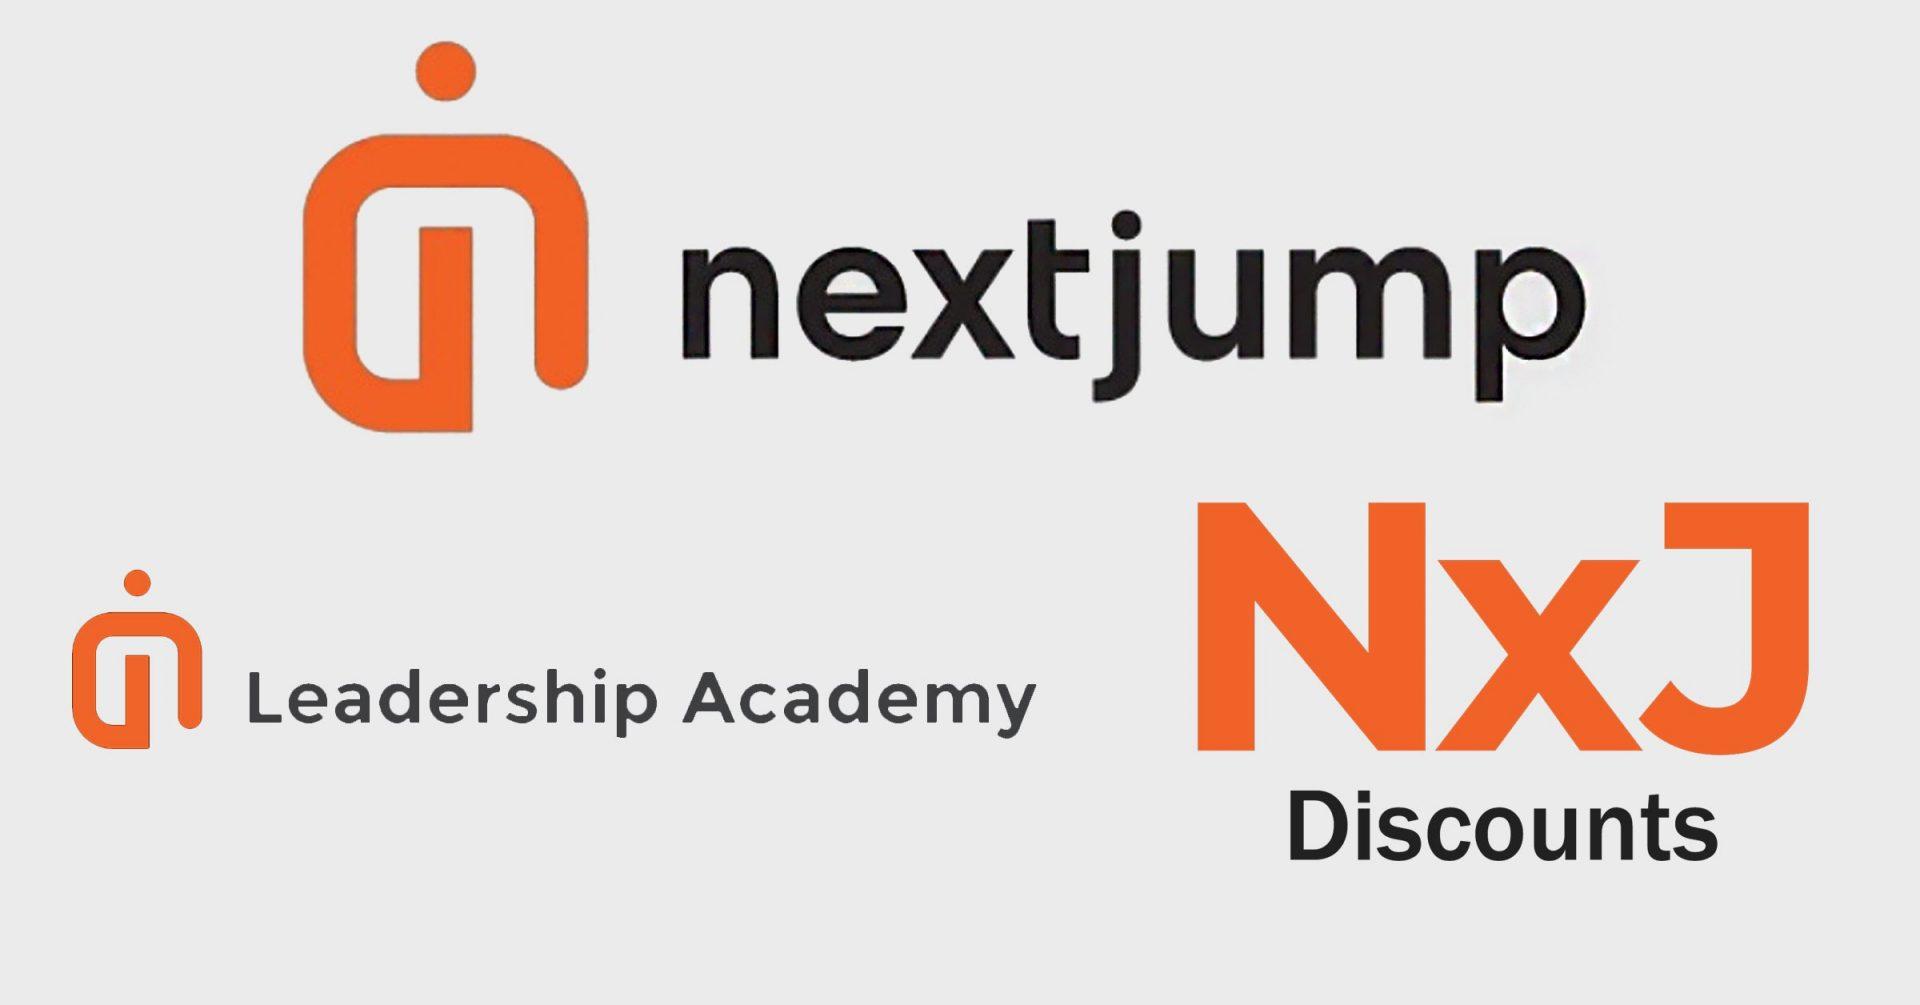 Nextjump Divisions